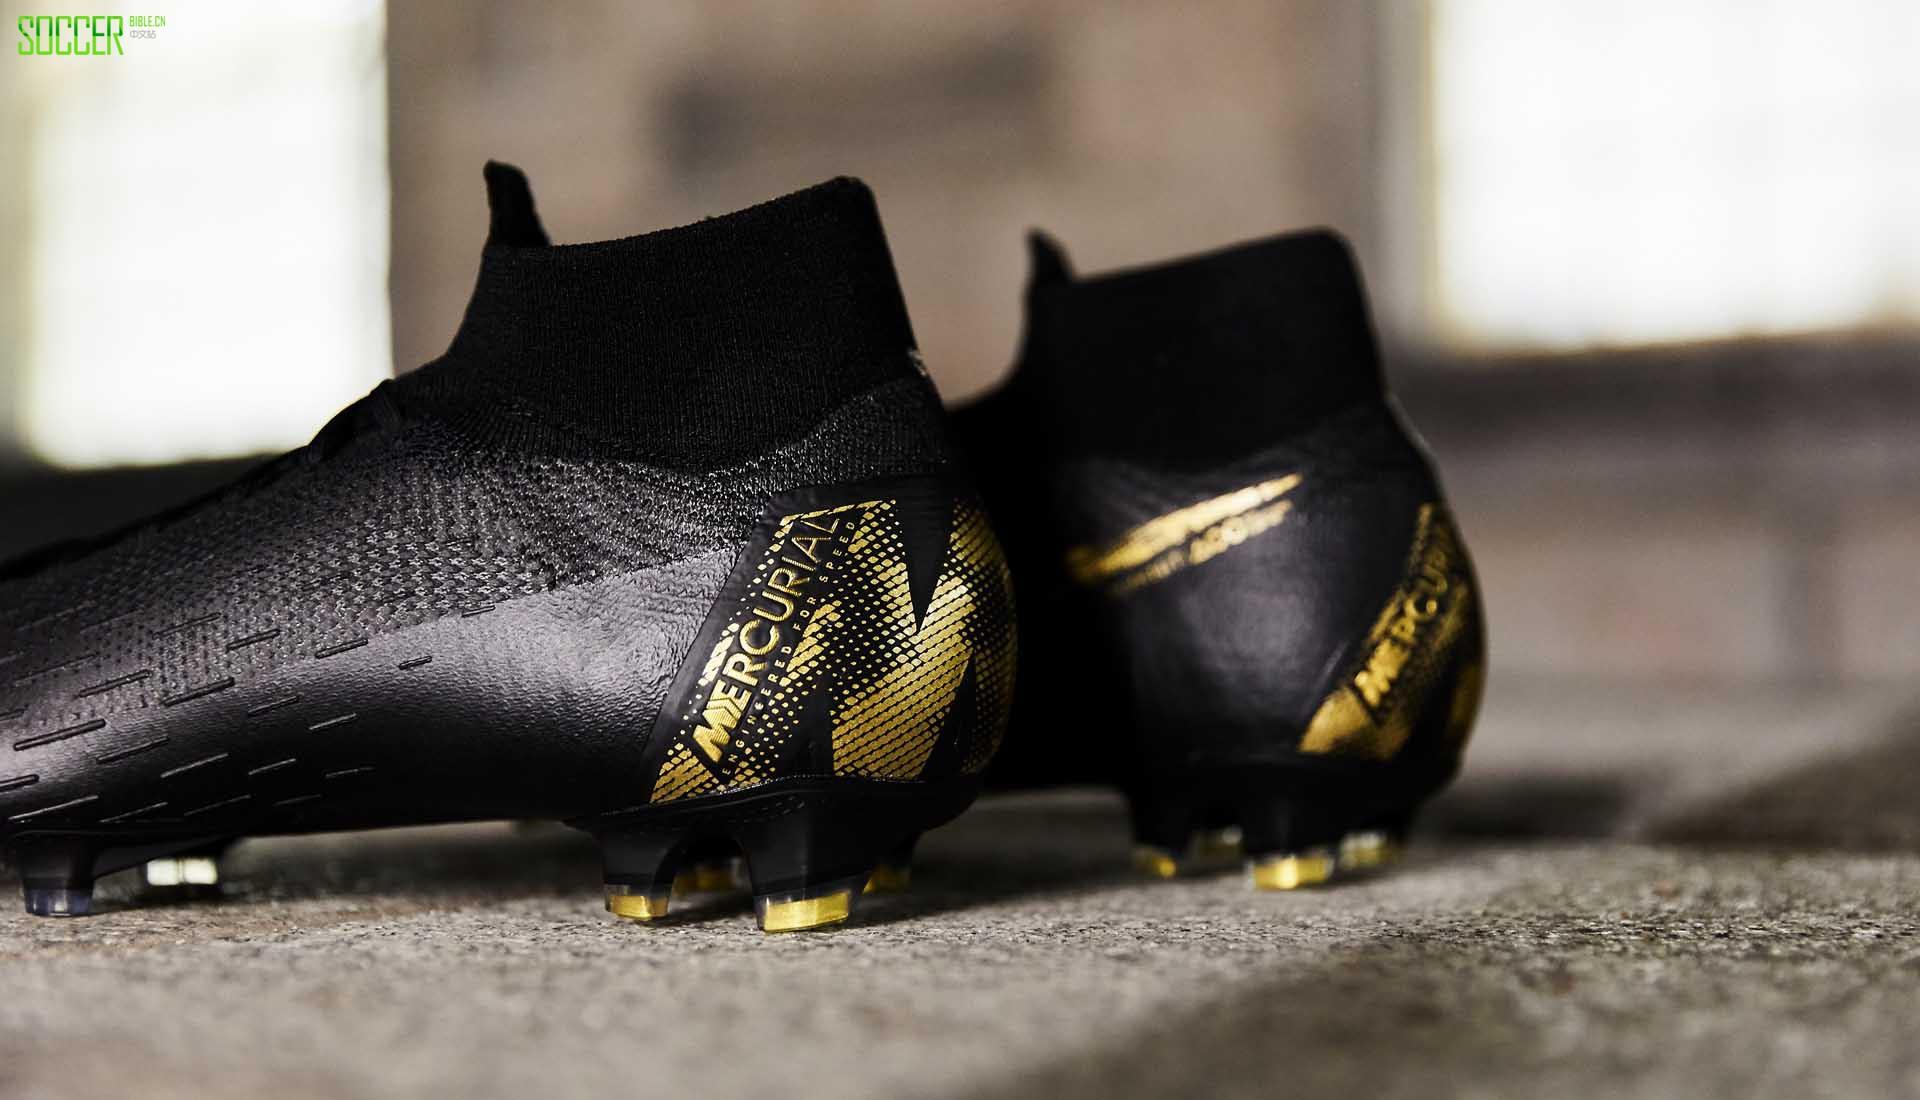 """霸气黑金套装亮相 耐克推出""""Black Lux""""系列足球鞋"""